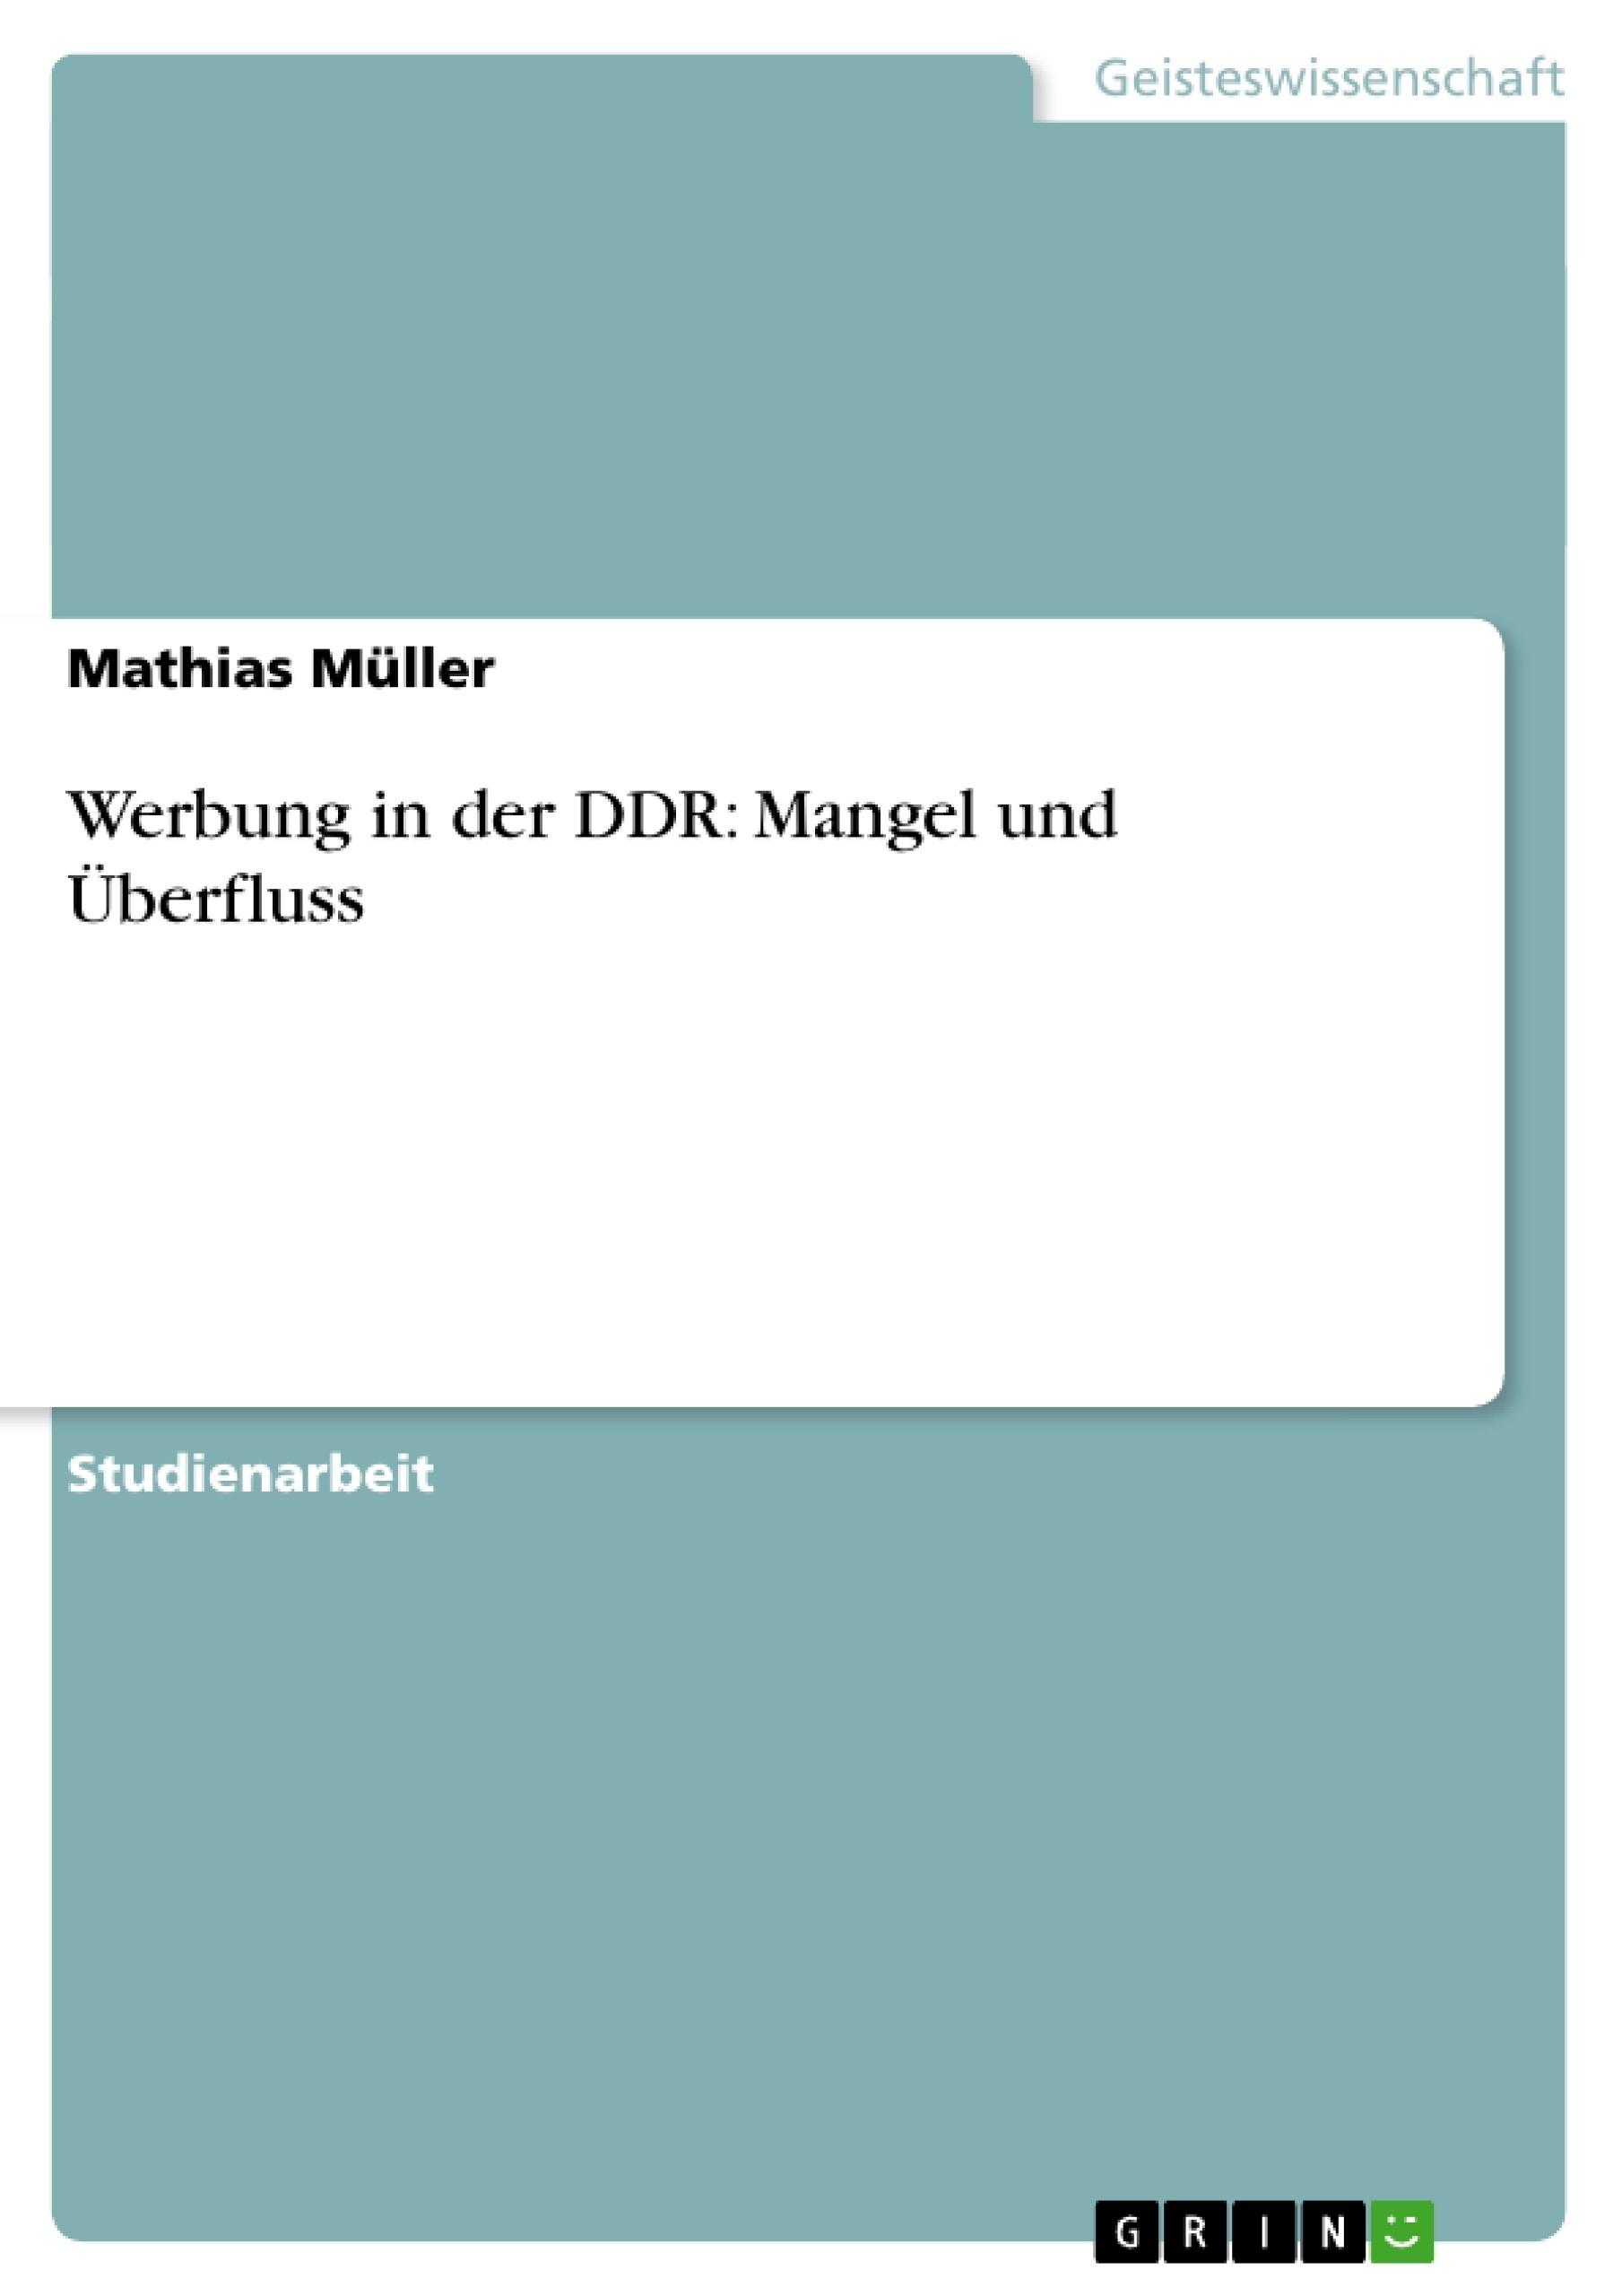 Titel: Werbung in der DDR: Mangel und Überfluss